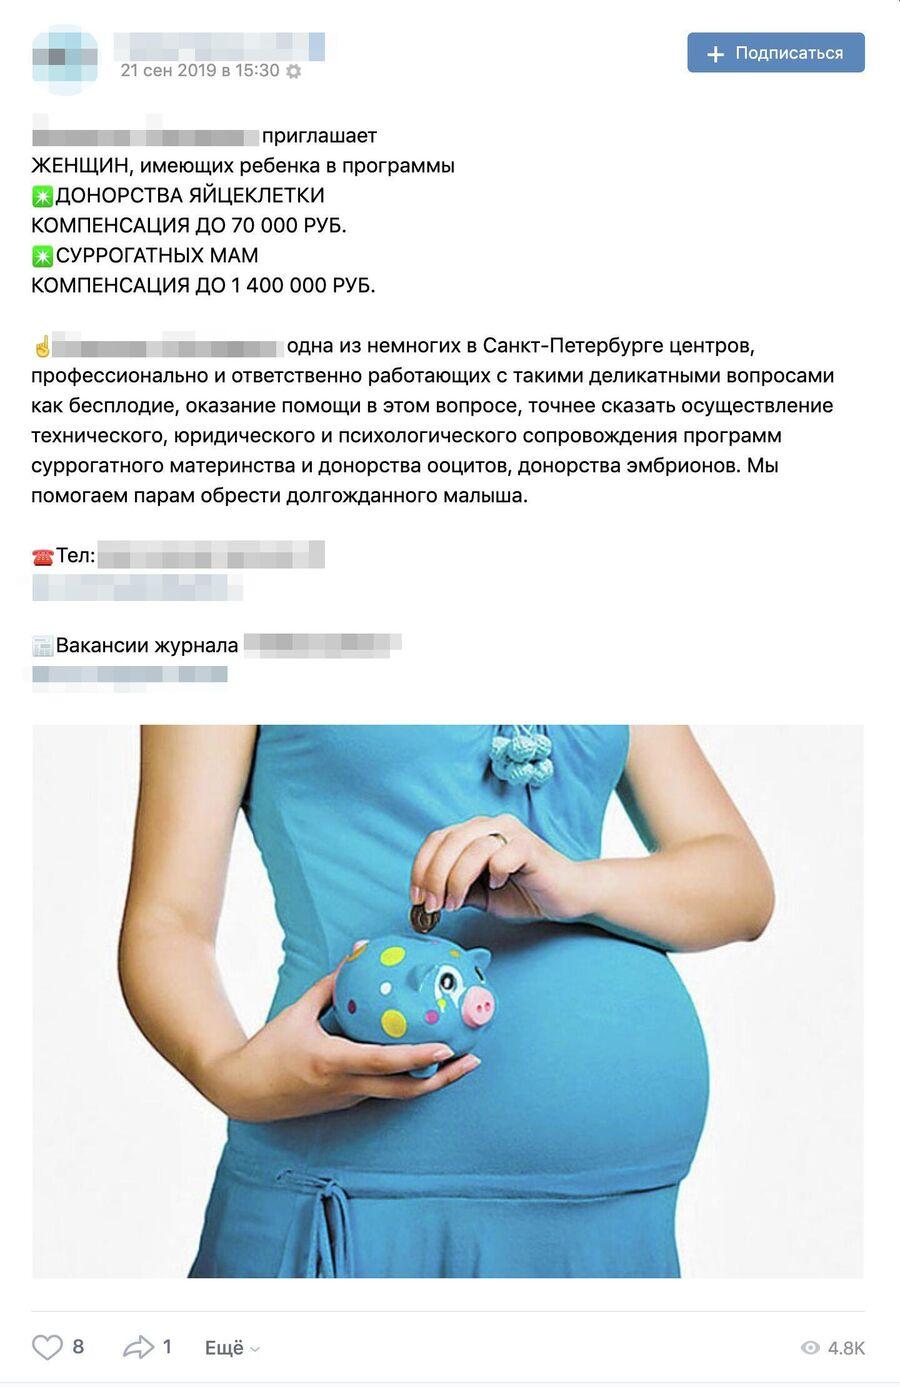 Вариант объявления о донорстве в соцсети